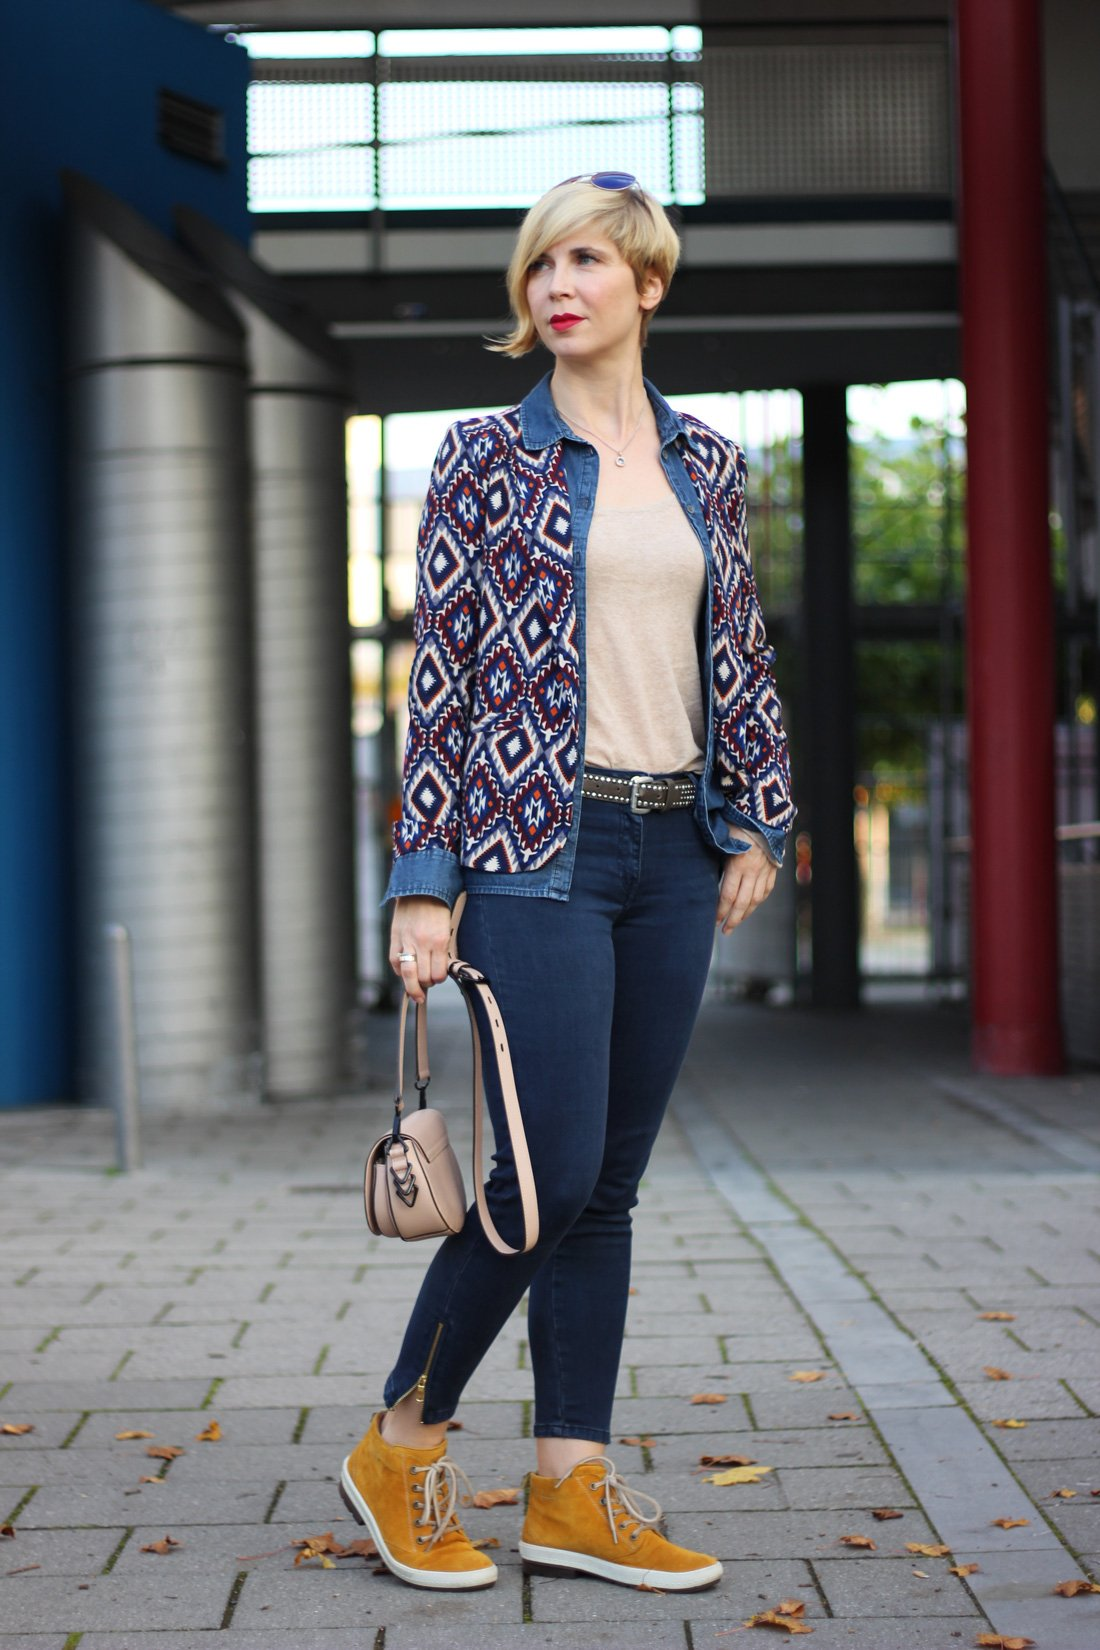 lässiges Jeanshemd mit einem Blazer, Muster, Herbstlook2017, Conny Doll, Munichblogger, 40plus-Blogger, Stylinginspiration